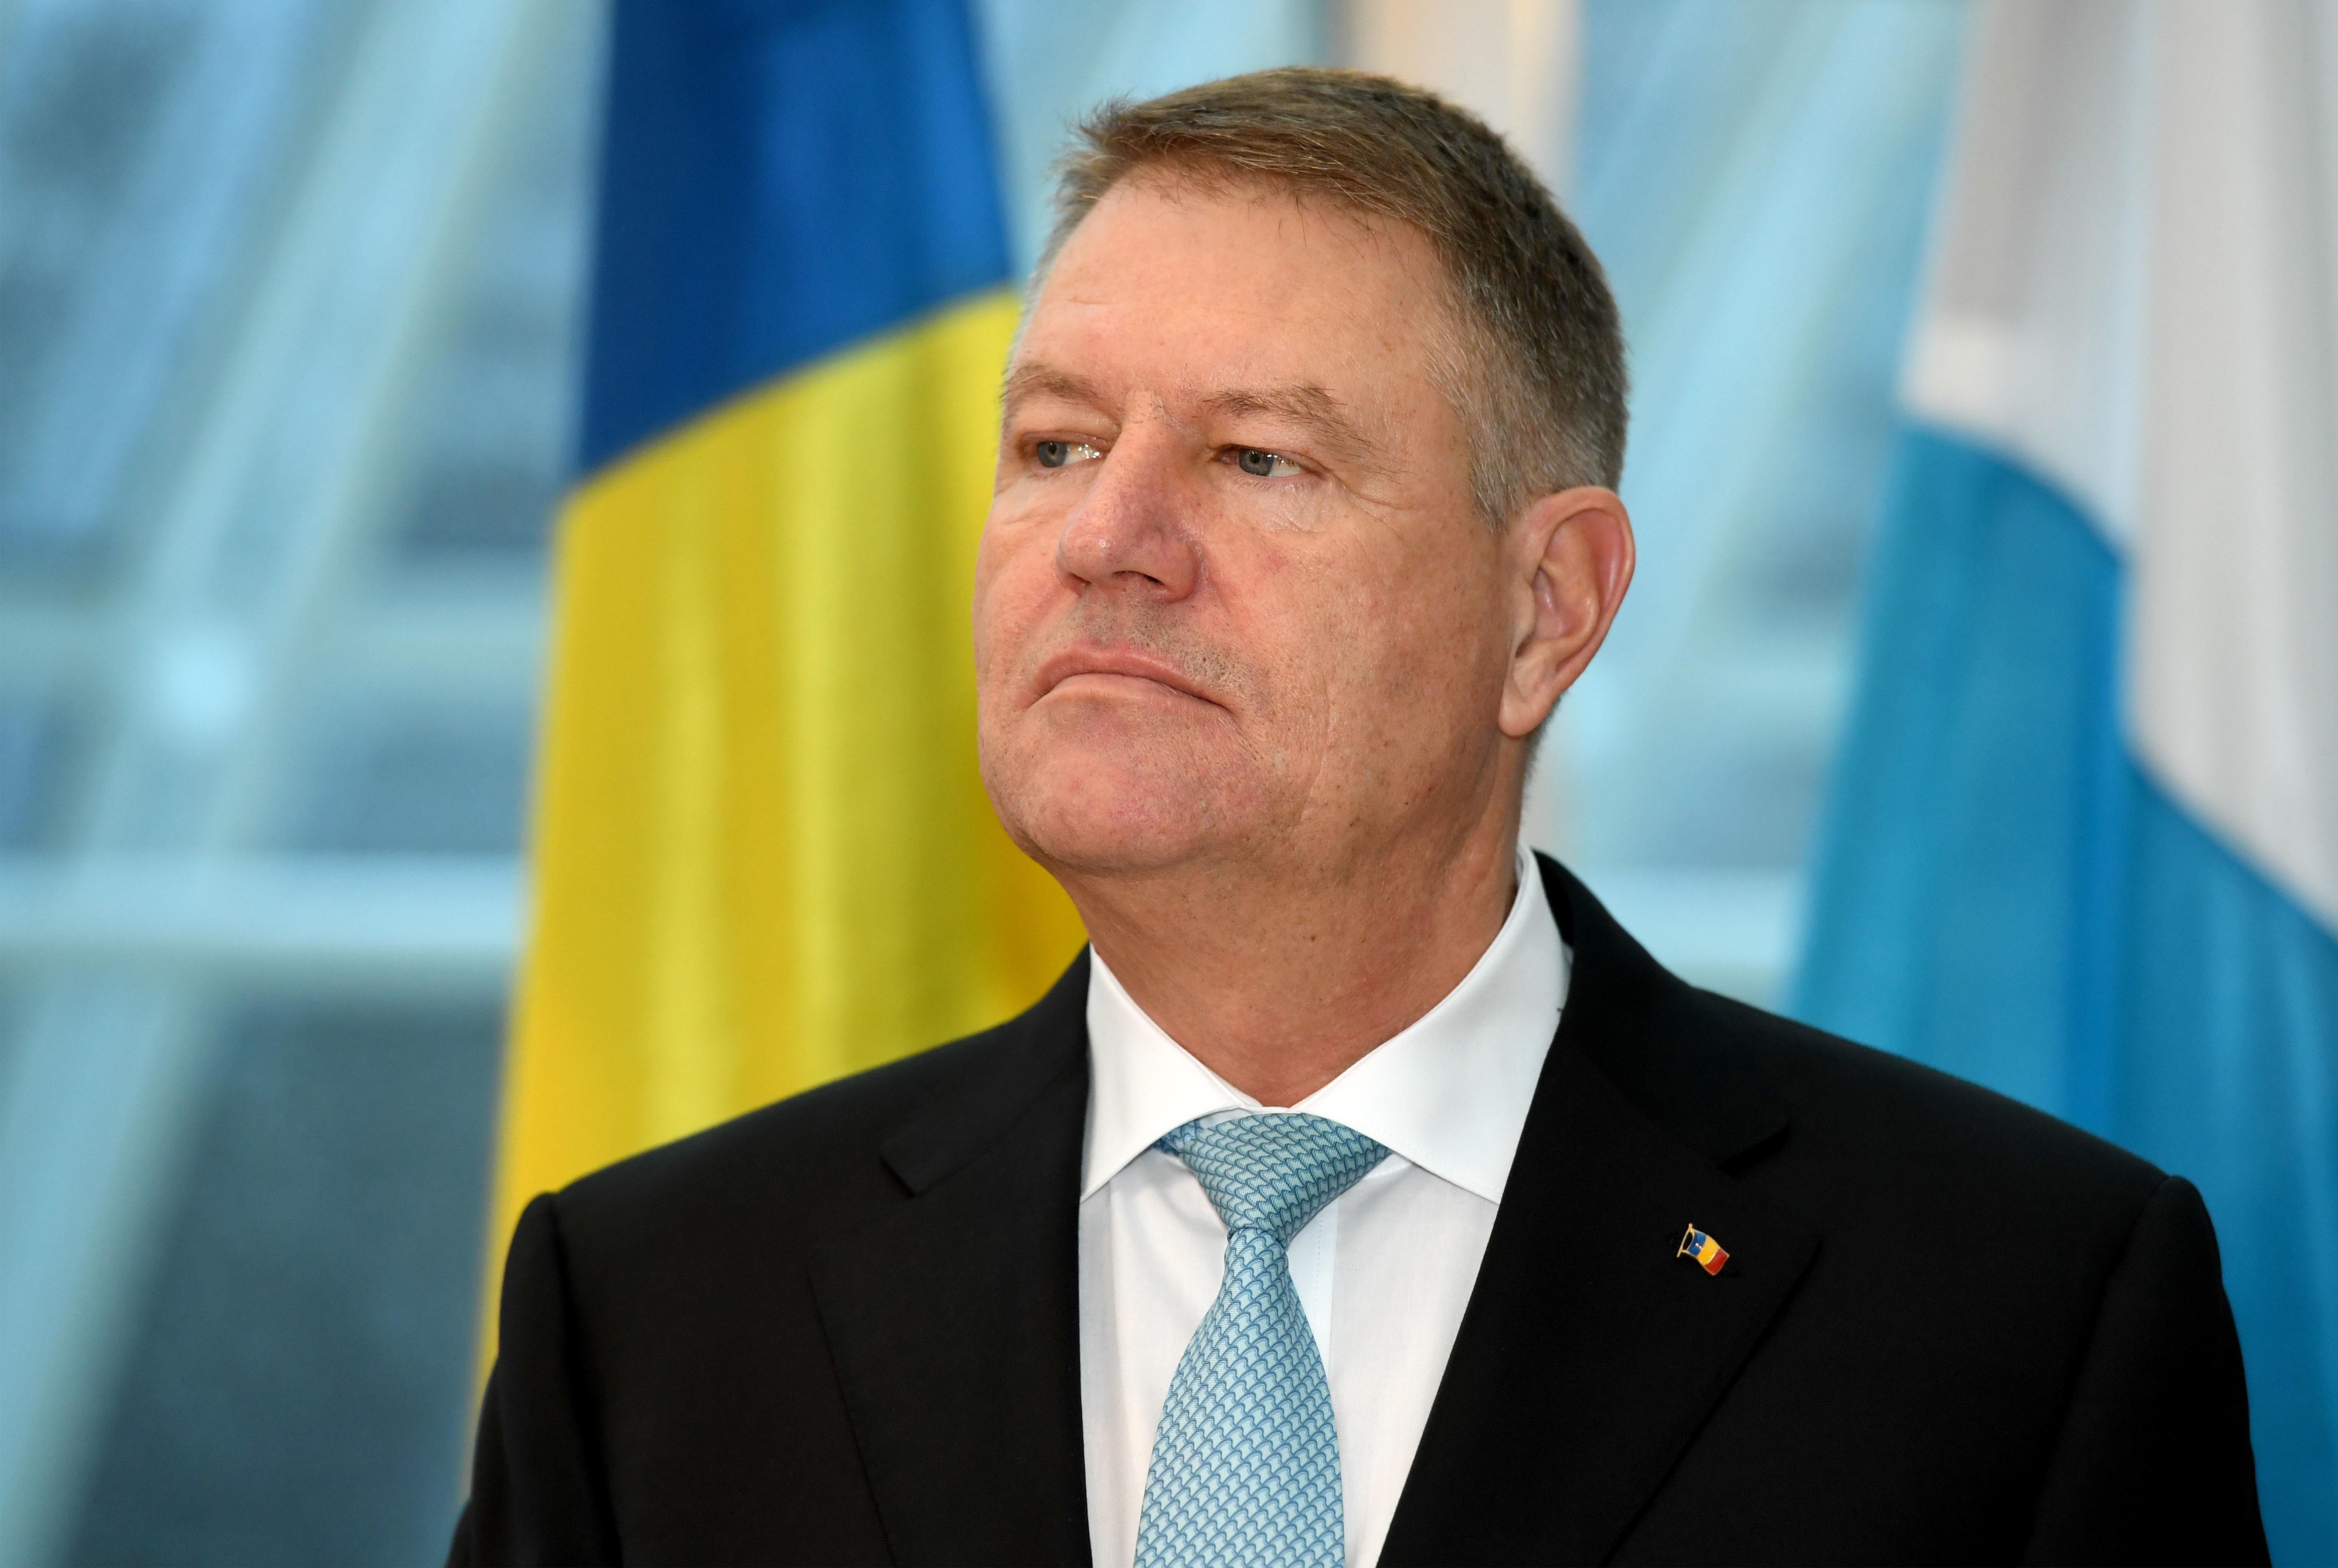 Președintele Iohannis îl propune pe Dacian Cioloș pentru funcția de premier, după consultările cu partidele